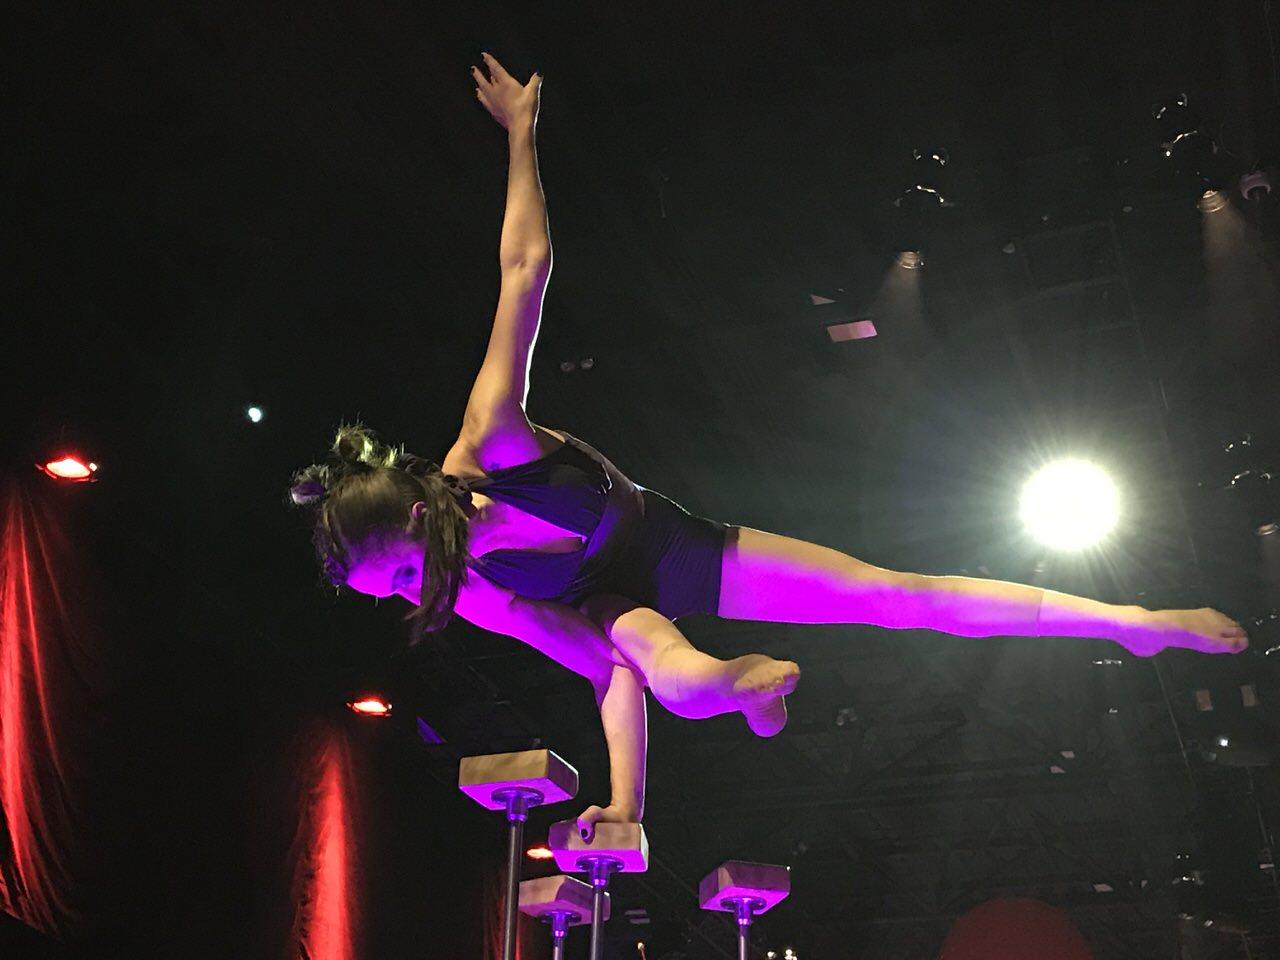 「Cirque Eloize(シルク・エロワーズ)」モントリオールといえばサーカスなパーティーに参加 〜パーティー向け便利グッズも発見 #GoMedia2016